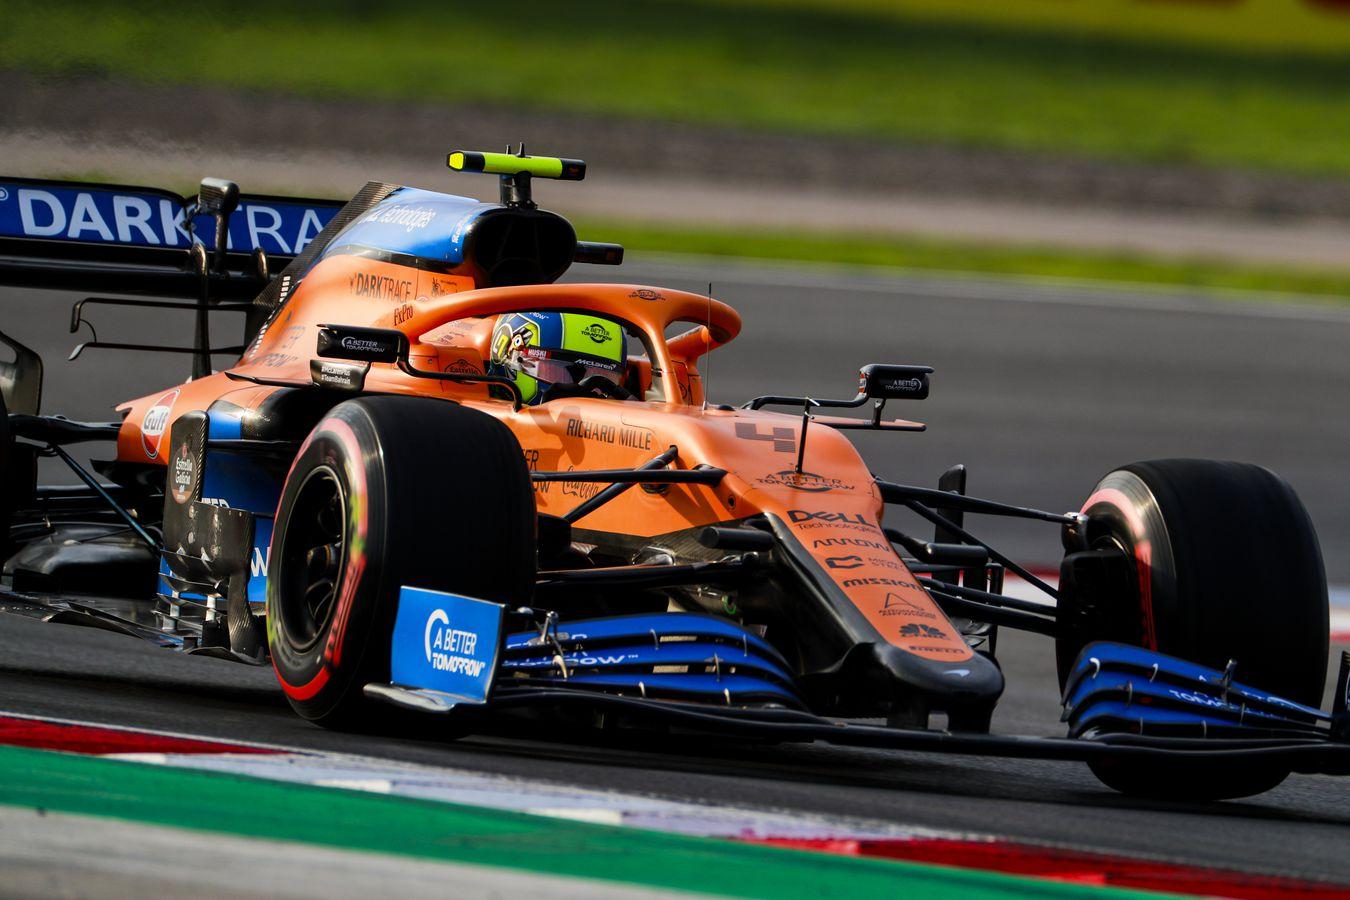 F1 - McLaren : seule équipe de F1 à devoir passer un crash test en 2021